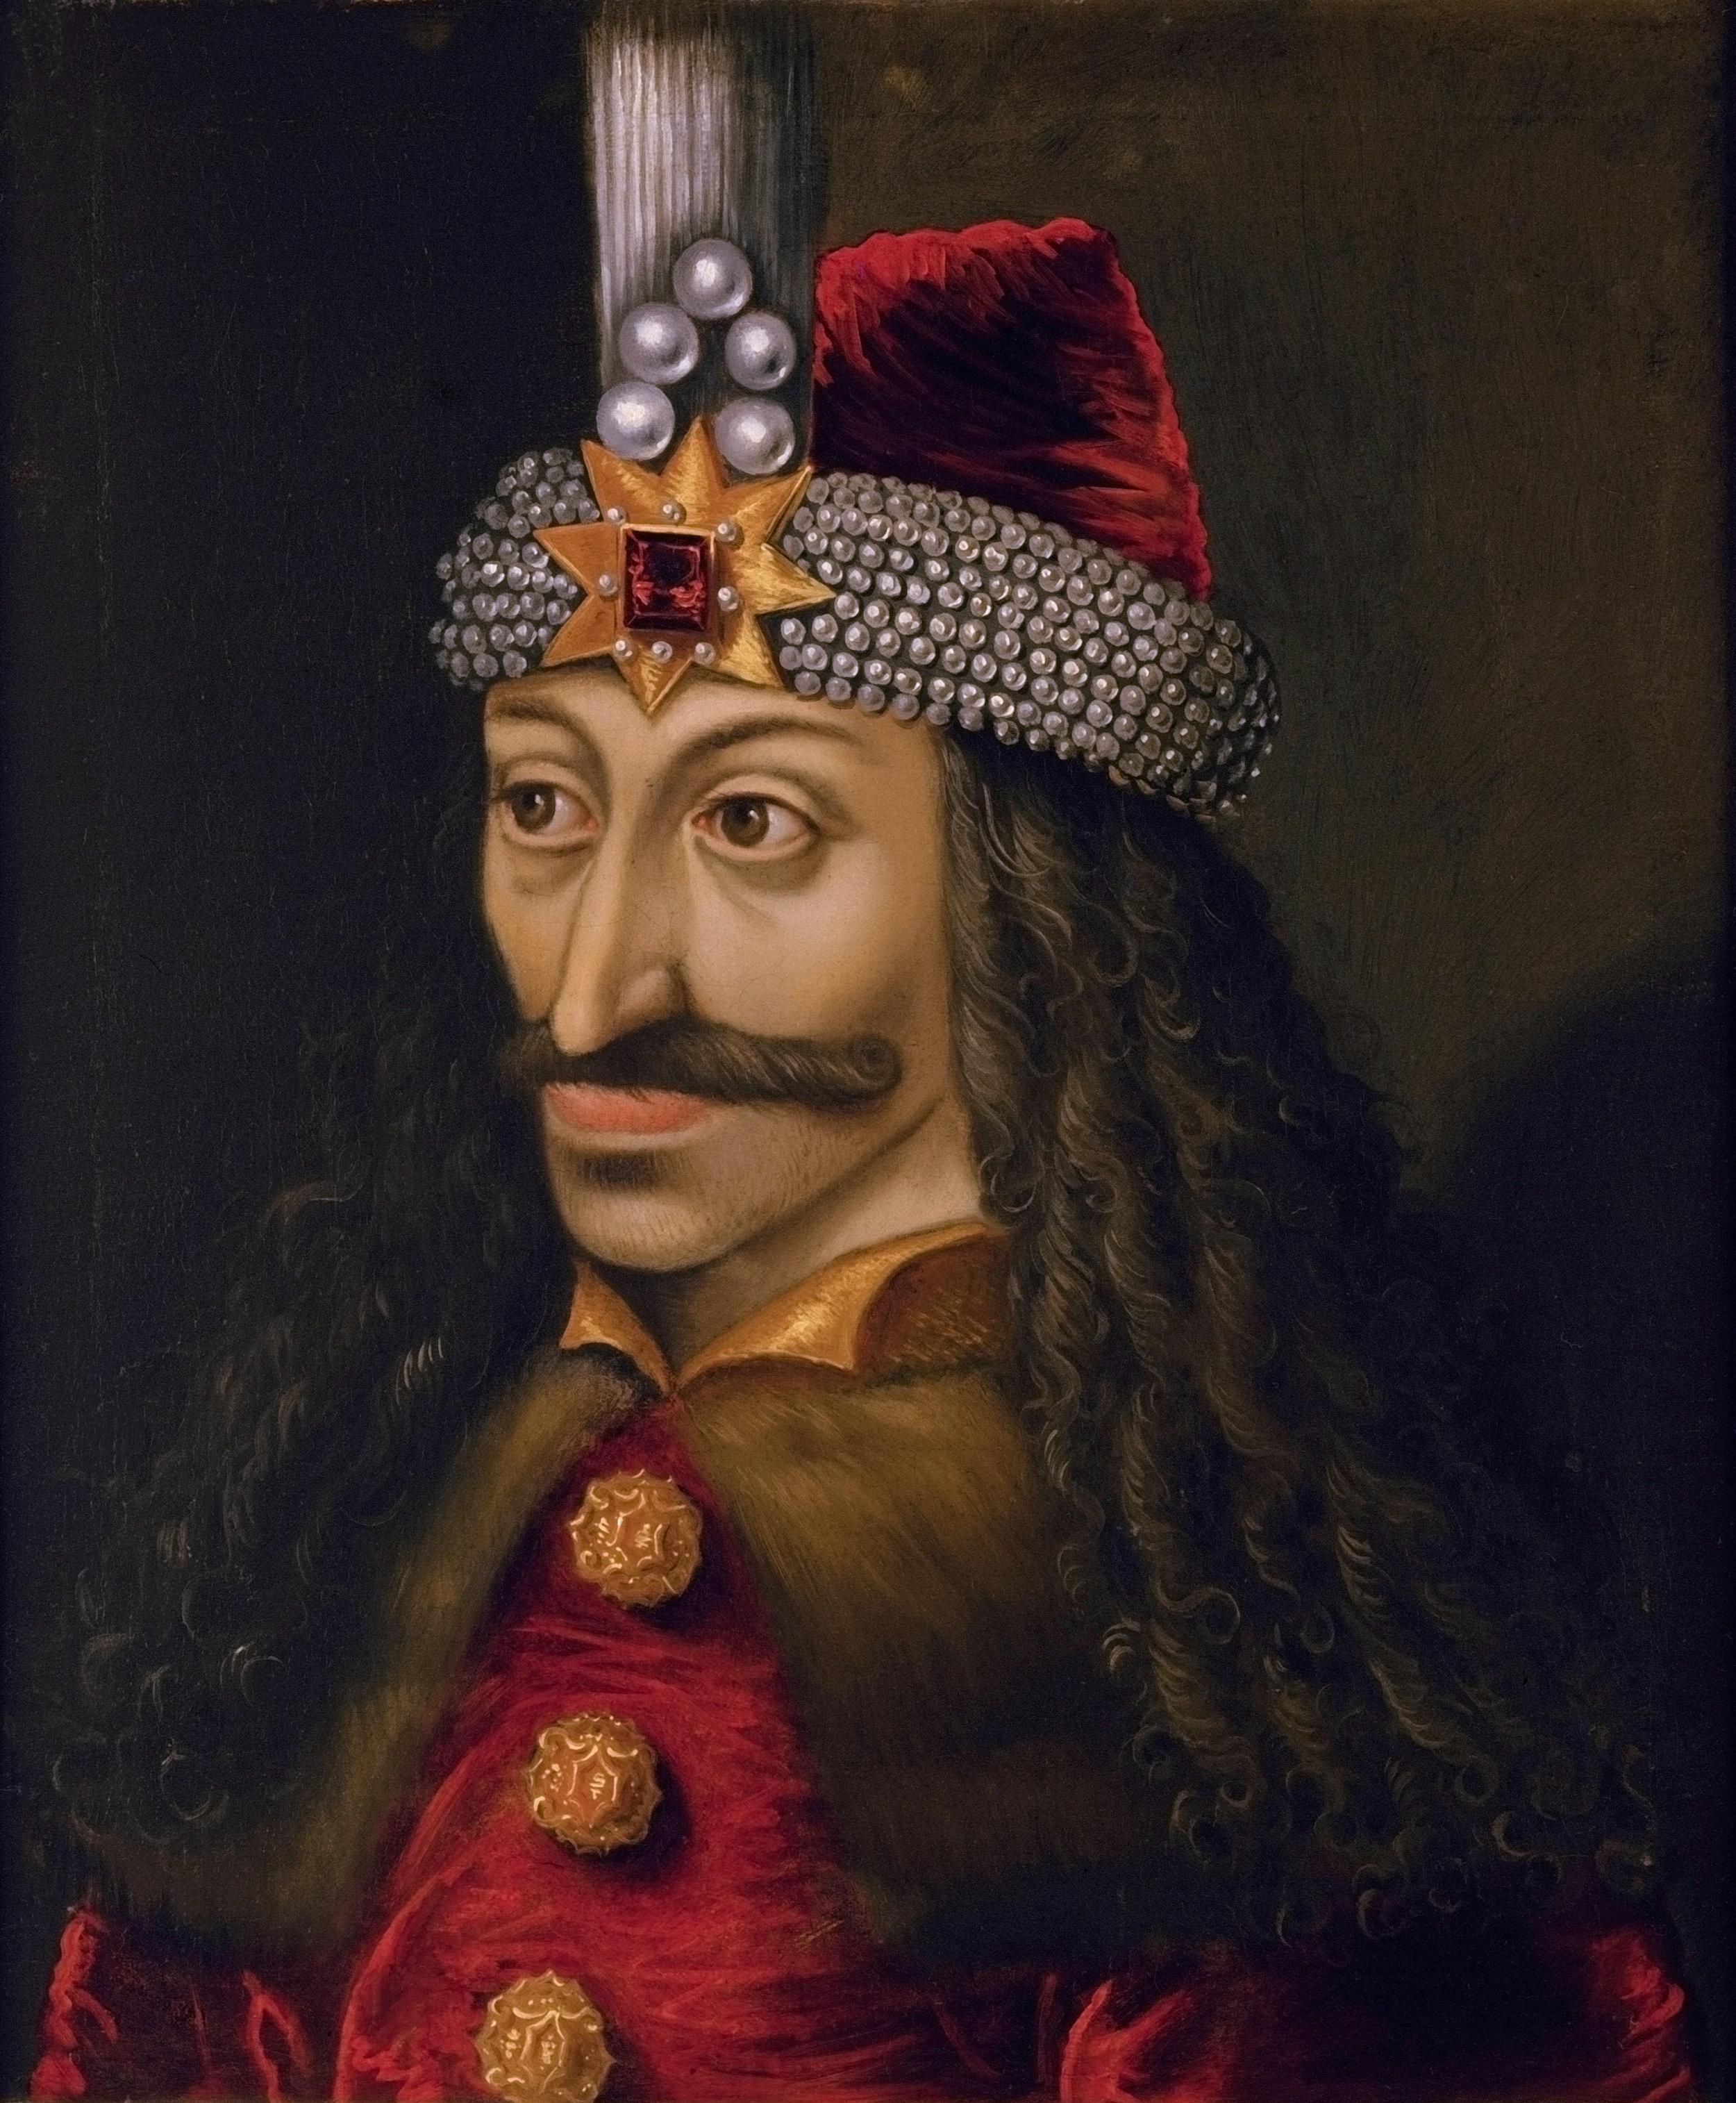 Als Graf Dracula wurde Vlad III. berühmt.  Foto: Gemeinfrei